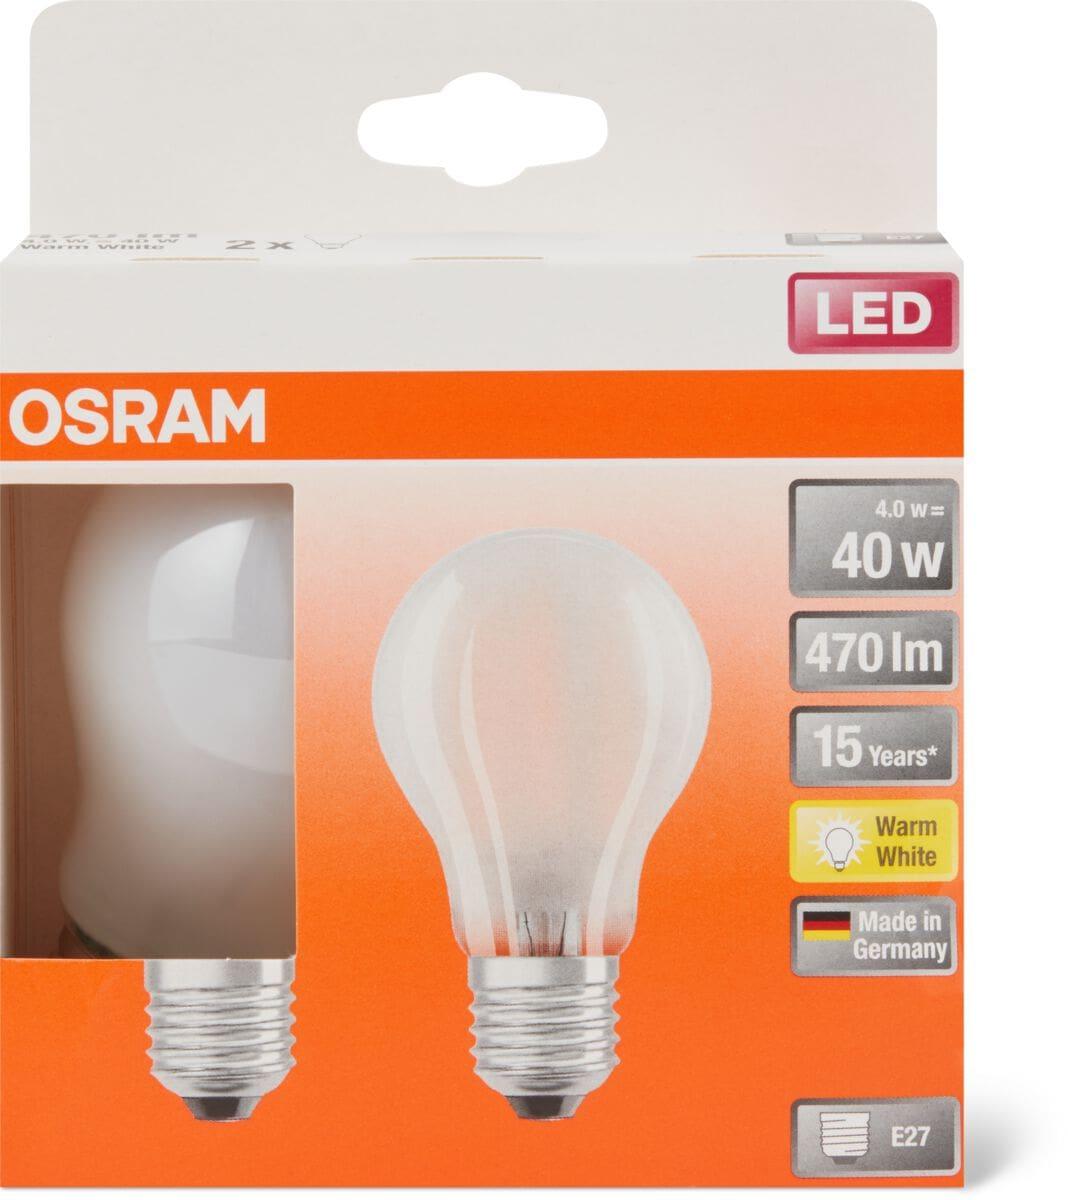 Osram LED BASE MATT CLAS A 40 E27